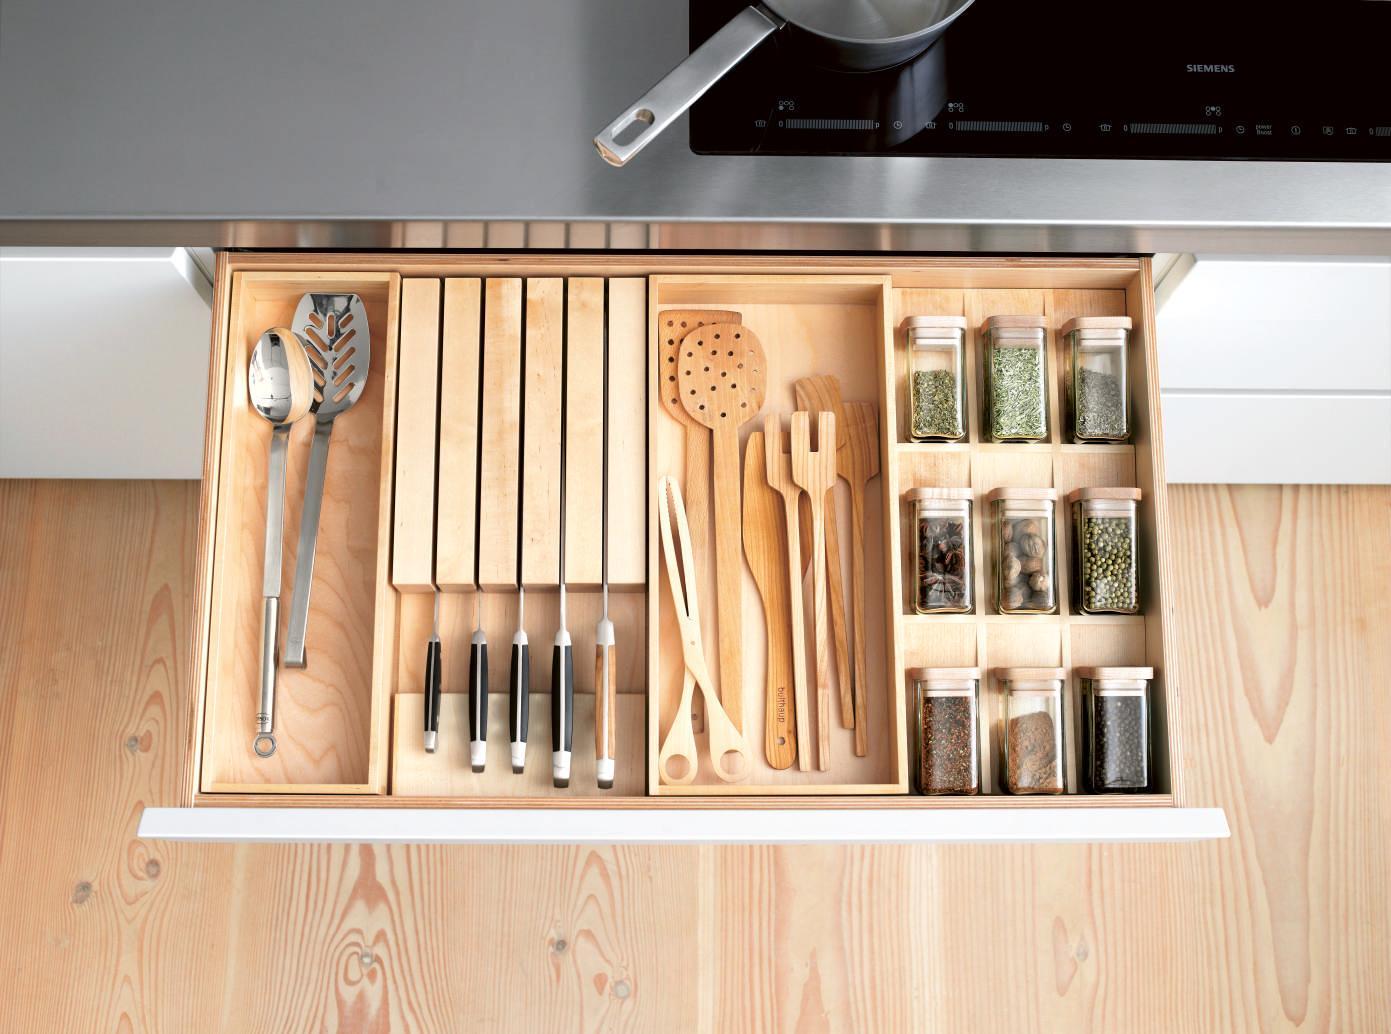 Beaufiful Küche Aufbewahrung Images Gallery >> Designe Ikea Kleine ...